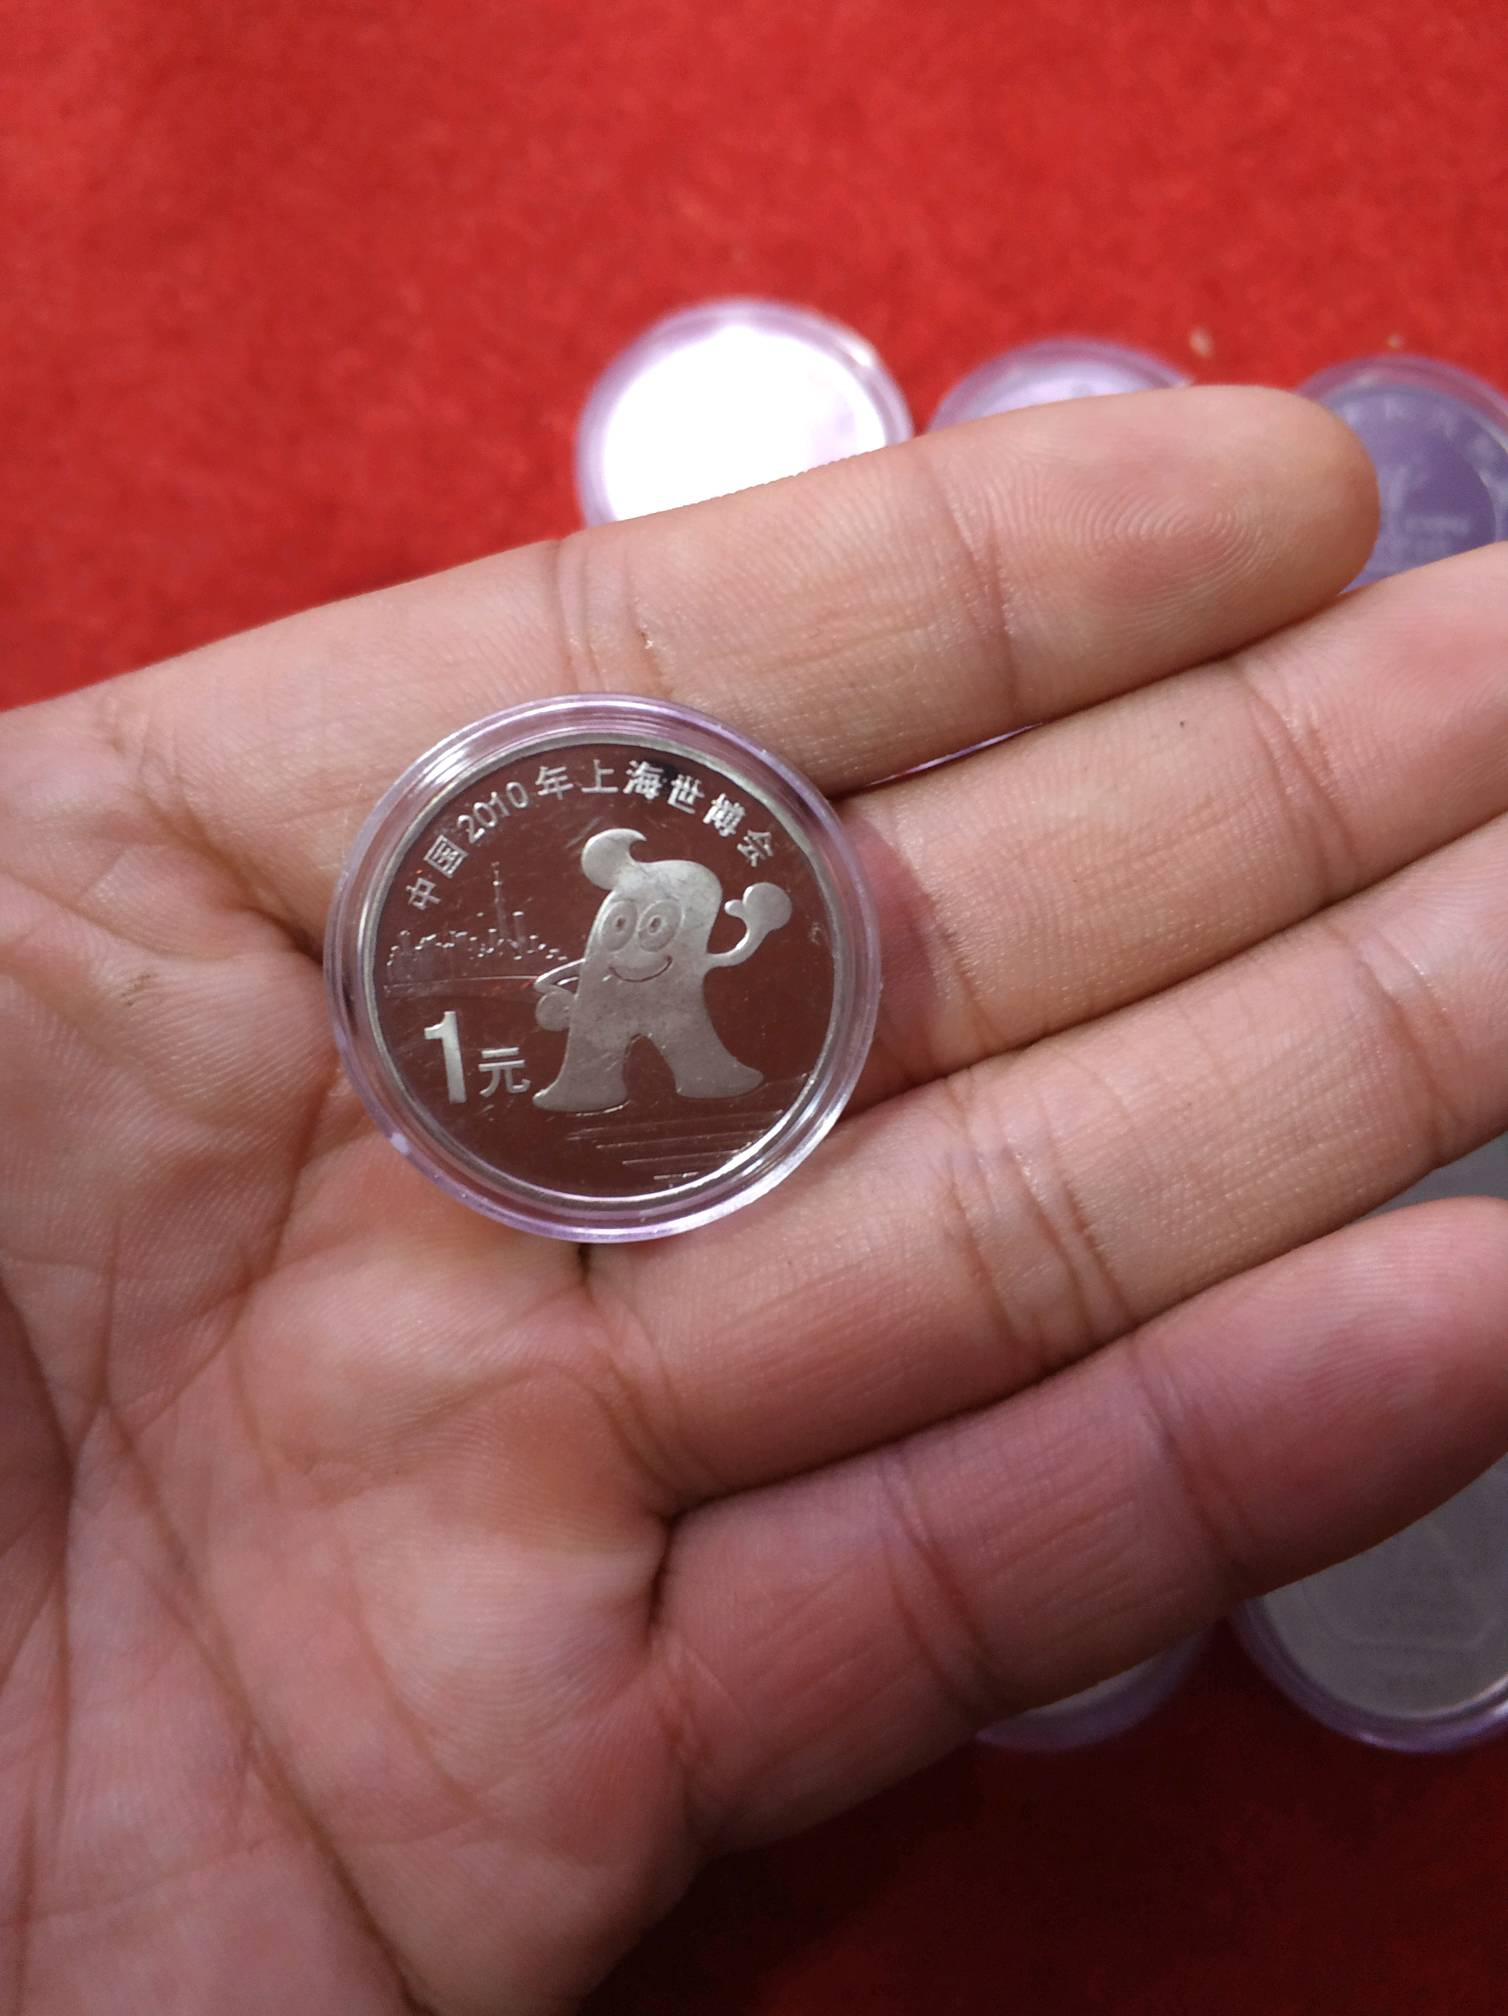 年纪念币,面值1元,一共19枚,保真有喜欢的发货,看图收藏,乌龟误扰海岛鸽子恐怖奇兵博士图片